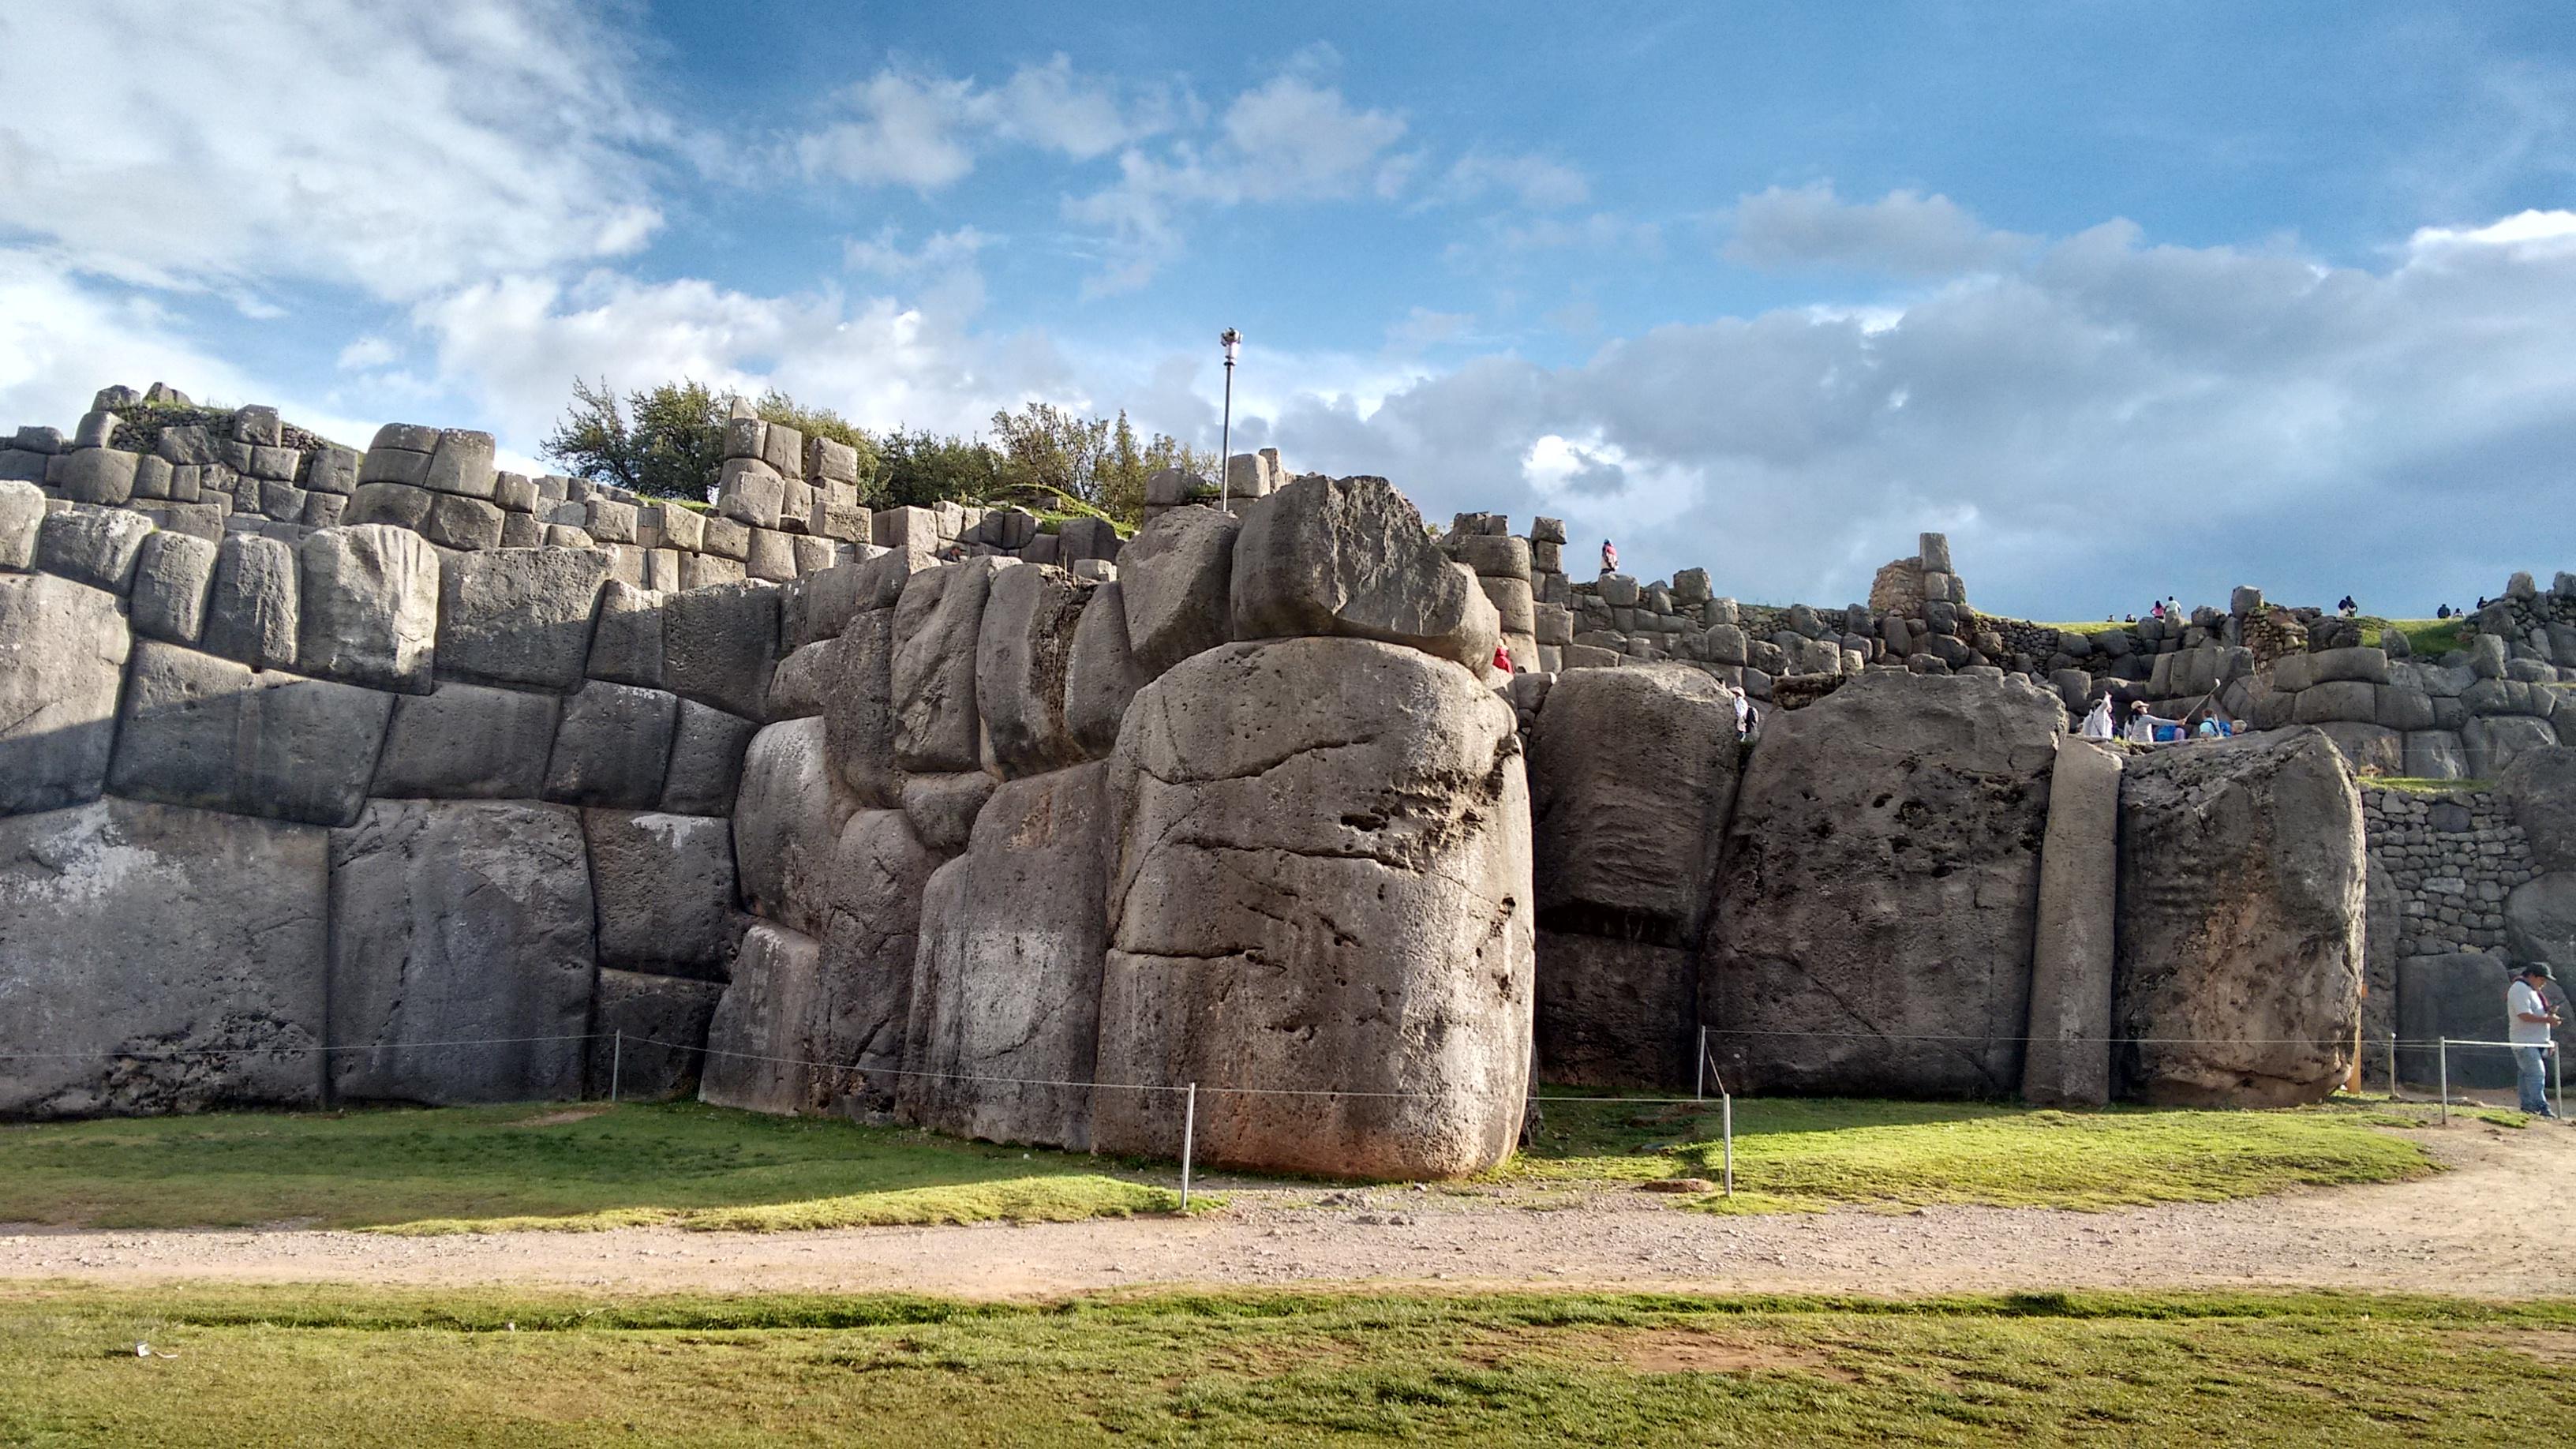 Diario di viaggio 3: Qoricancha e Saqsaywaman, laddove parlano le pietre (Perù, Dicembre 2017)